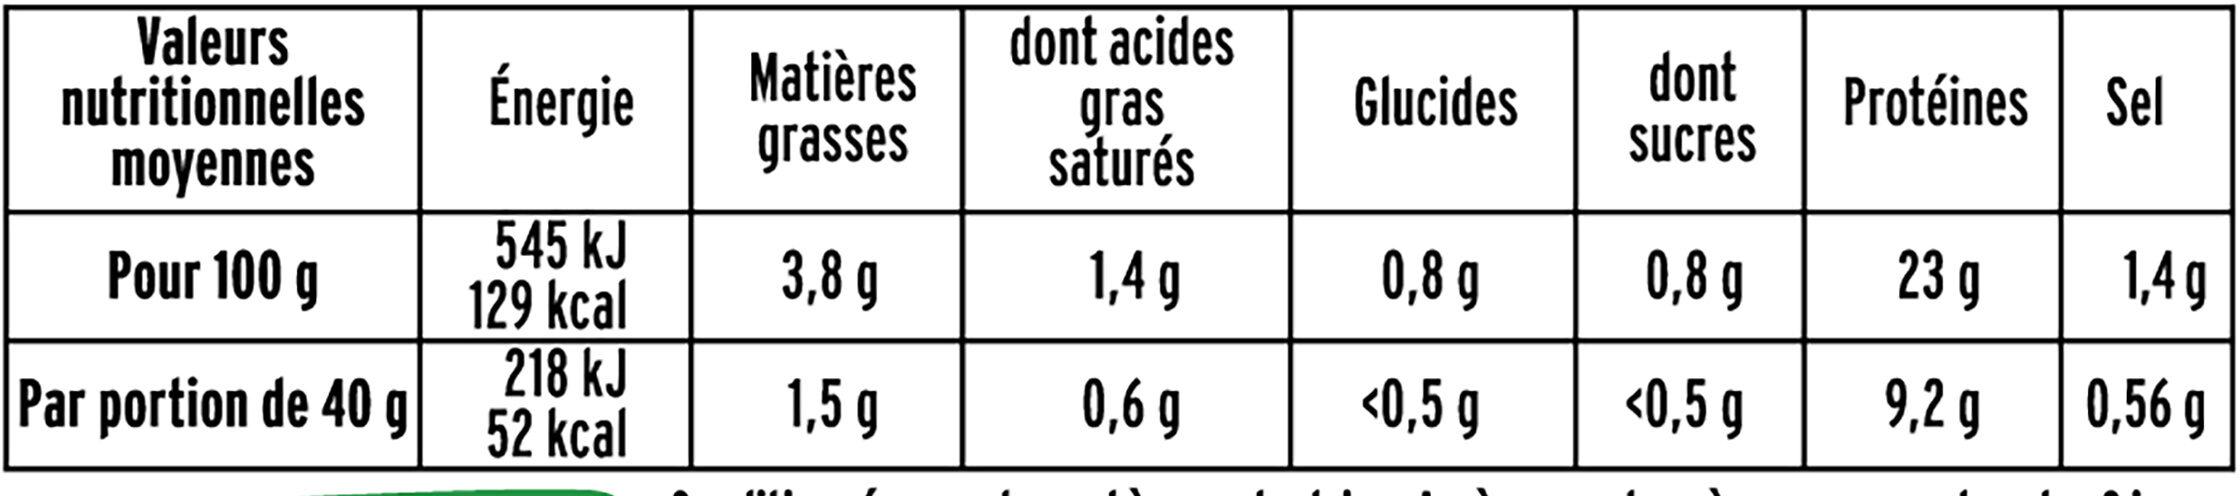 Rôti de porc cuit BIO -25% de sel* - 2 tranches - Informations nutritionnelles - fr